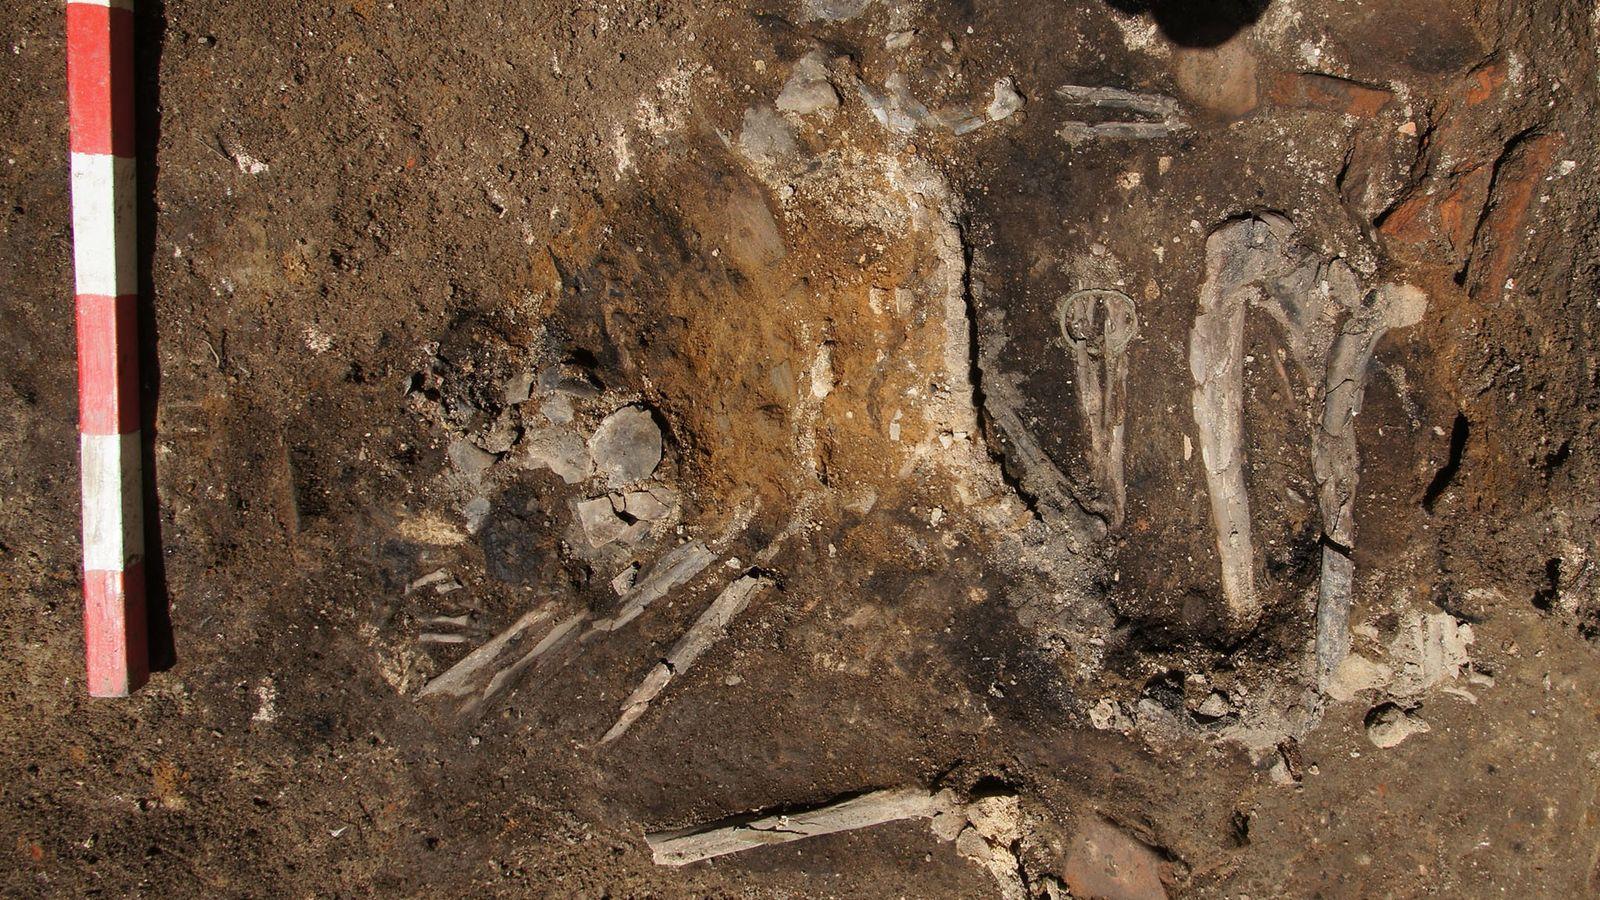 Le squelette de la femme adulte a été mis au jour dans une couche stratigraphique datant ...